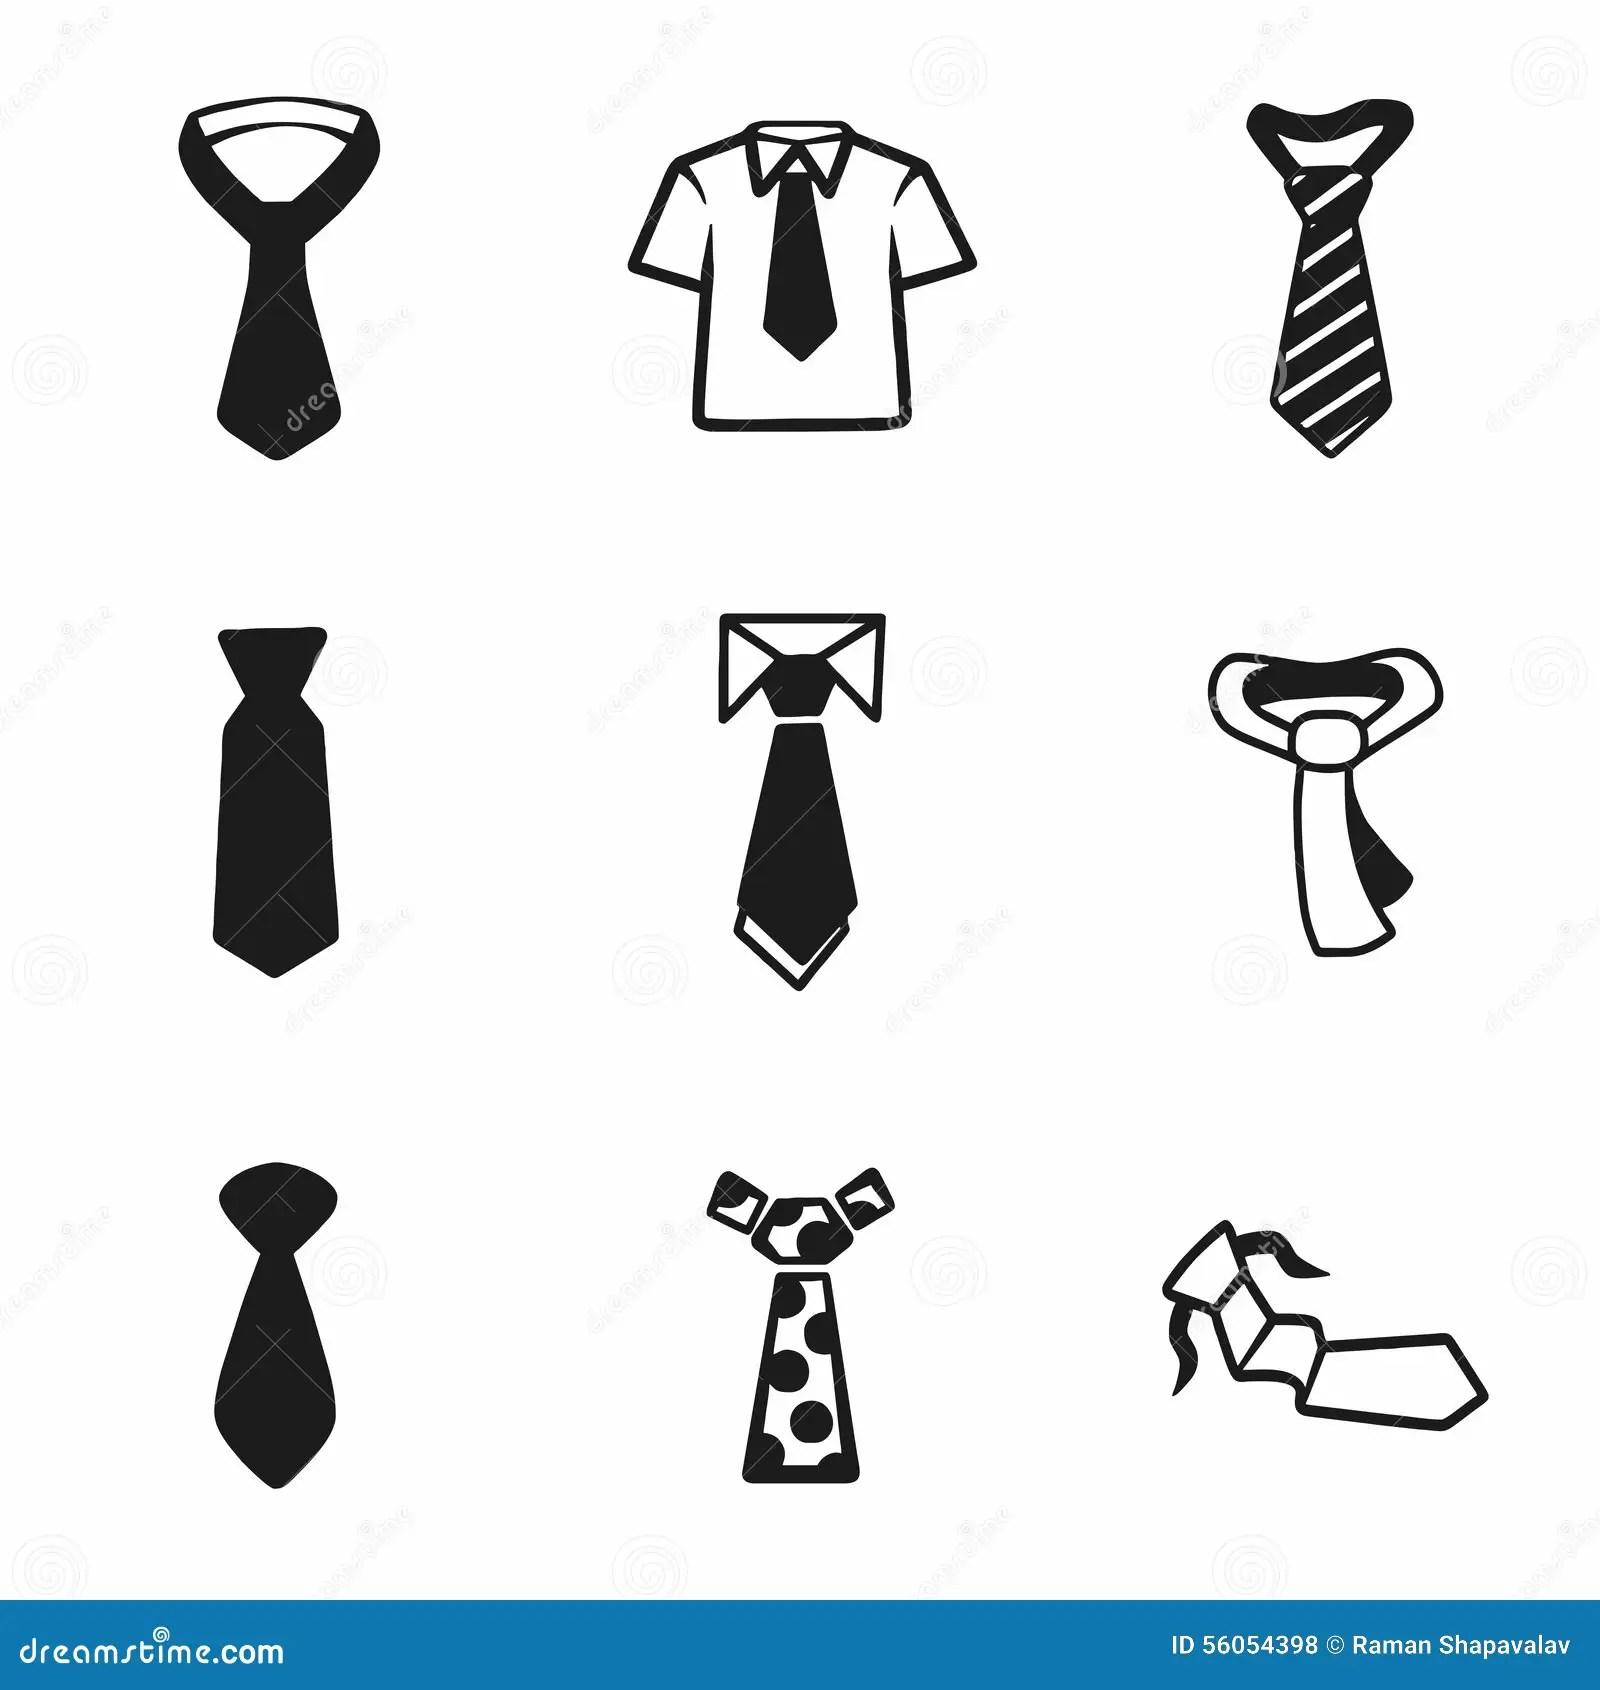 Tie Vector Icon Cartoon Vector